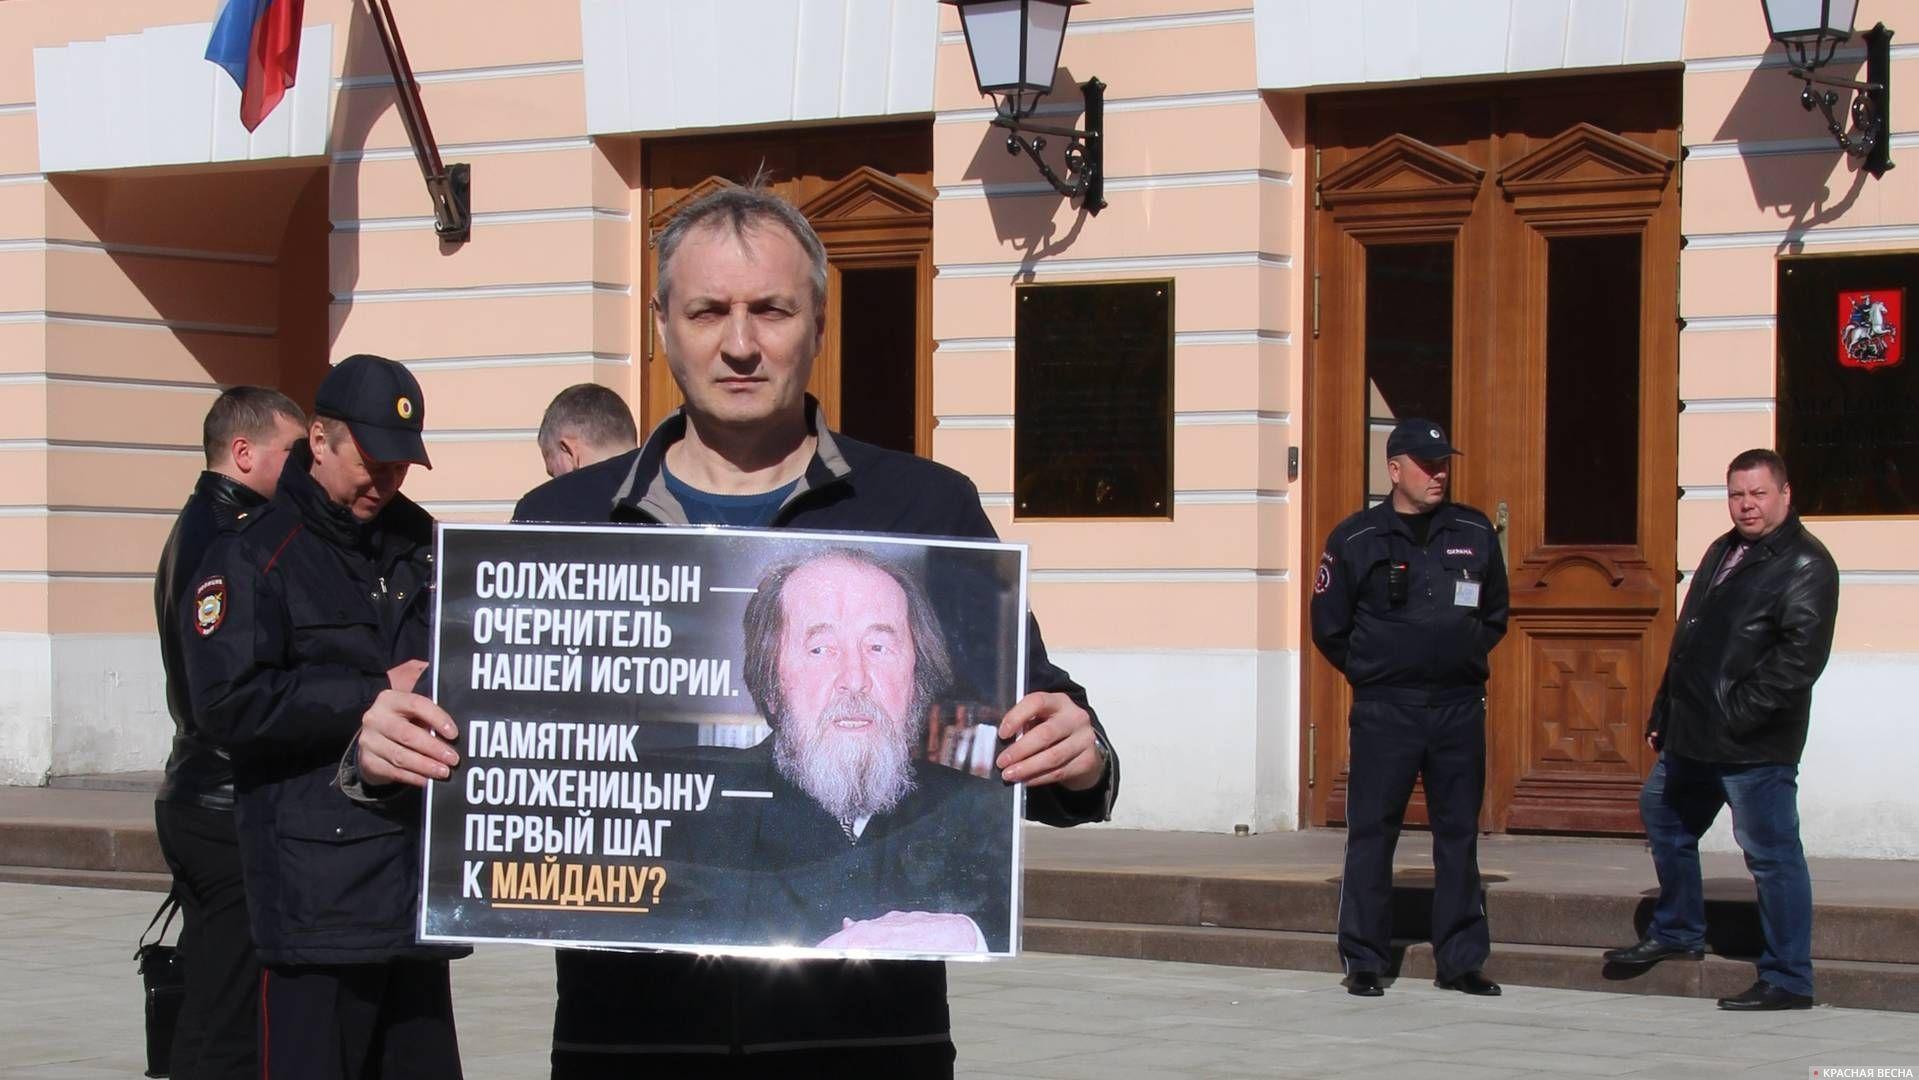 Пикет против установки памятника Солженицыну у здания Мосгордумы 27.04.2018